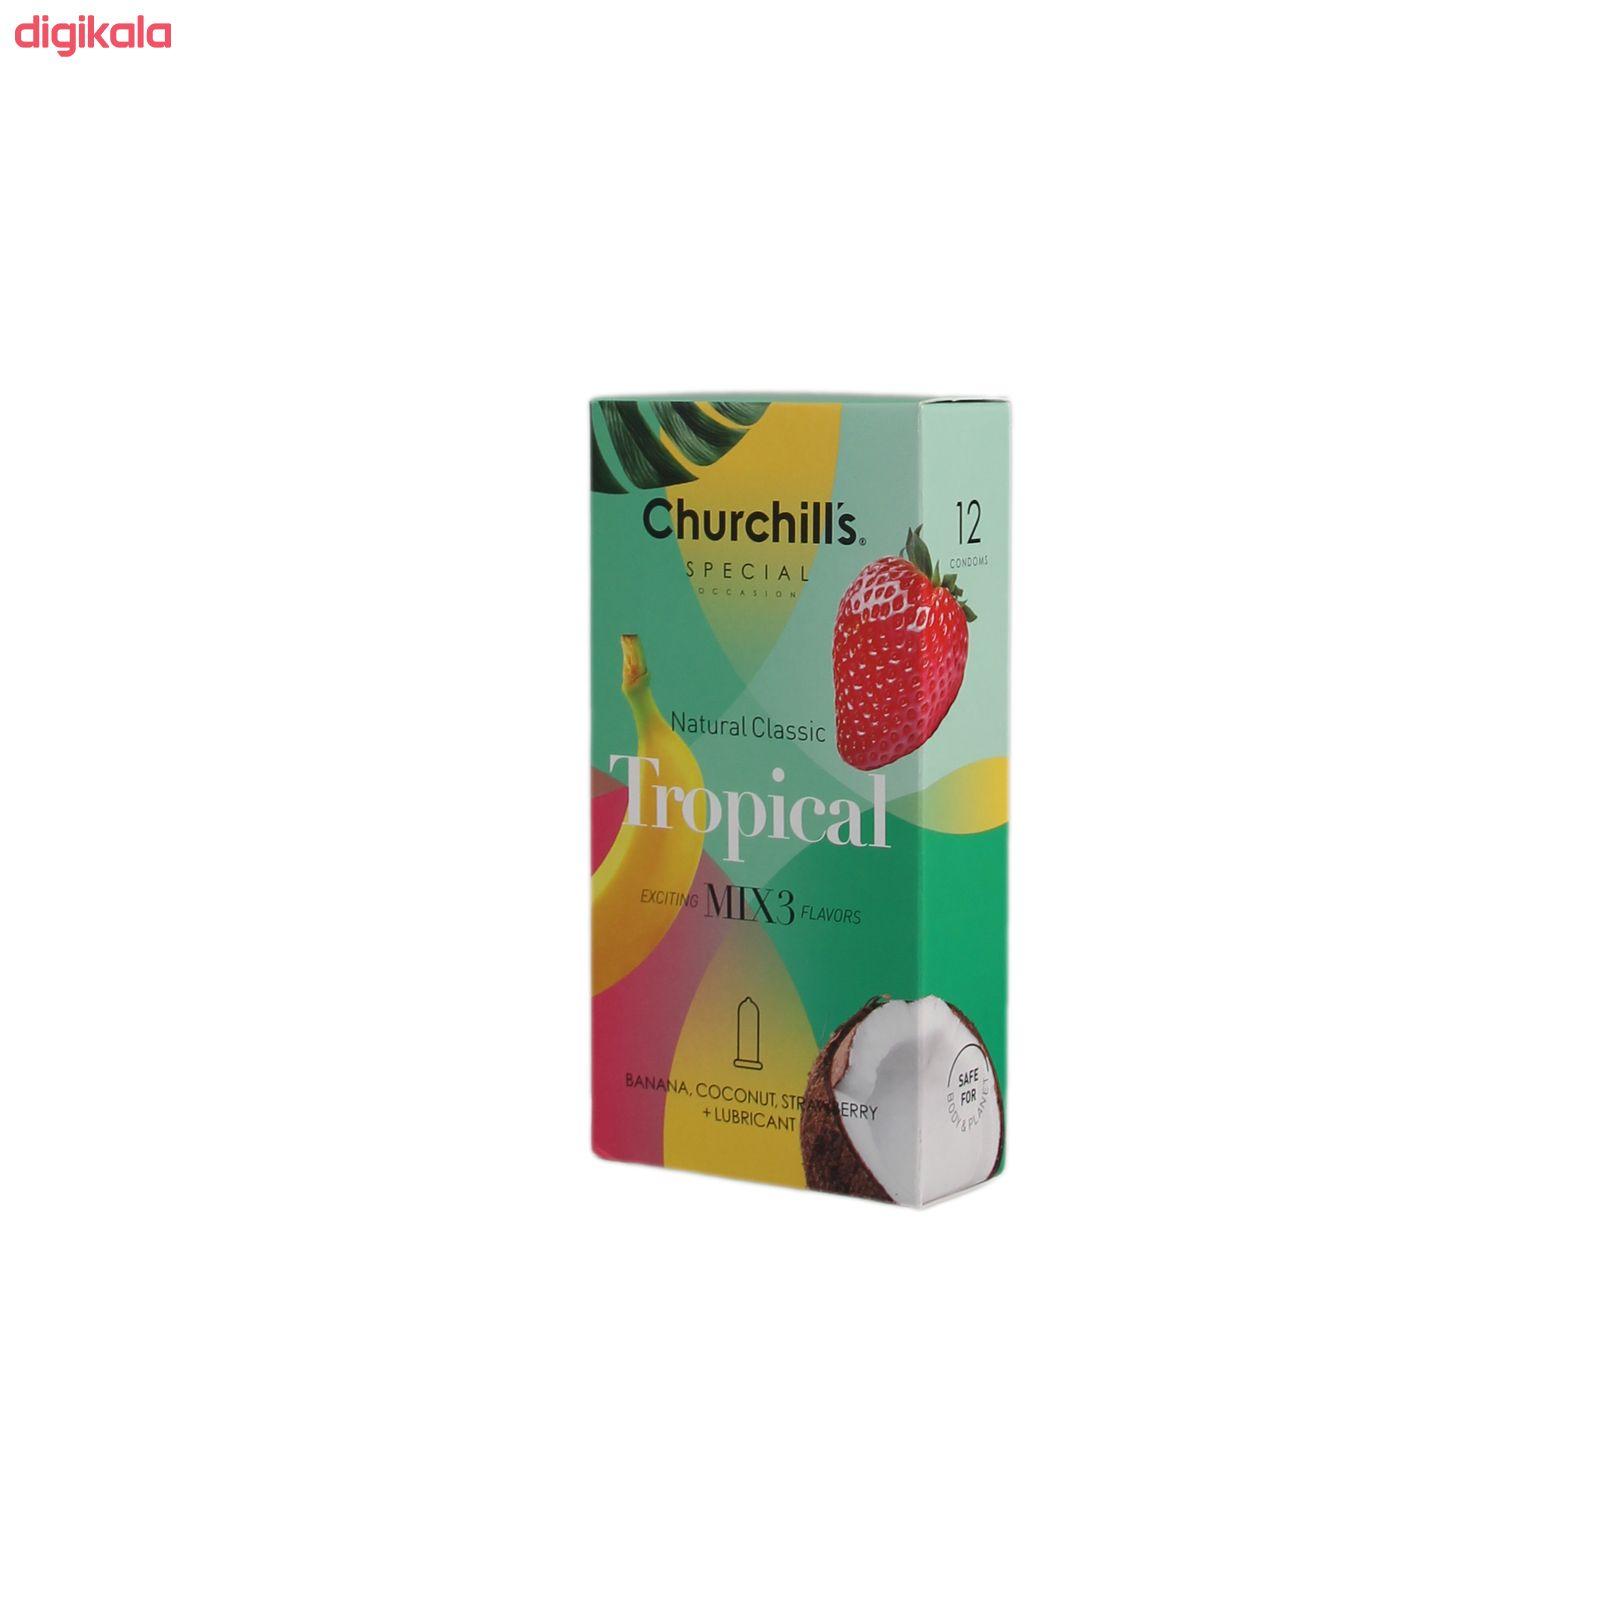 کاندوم چرچیلز مدل Tropical بسته 12 عددی main 1 1